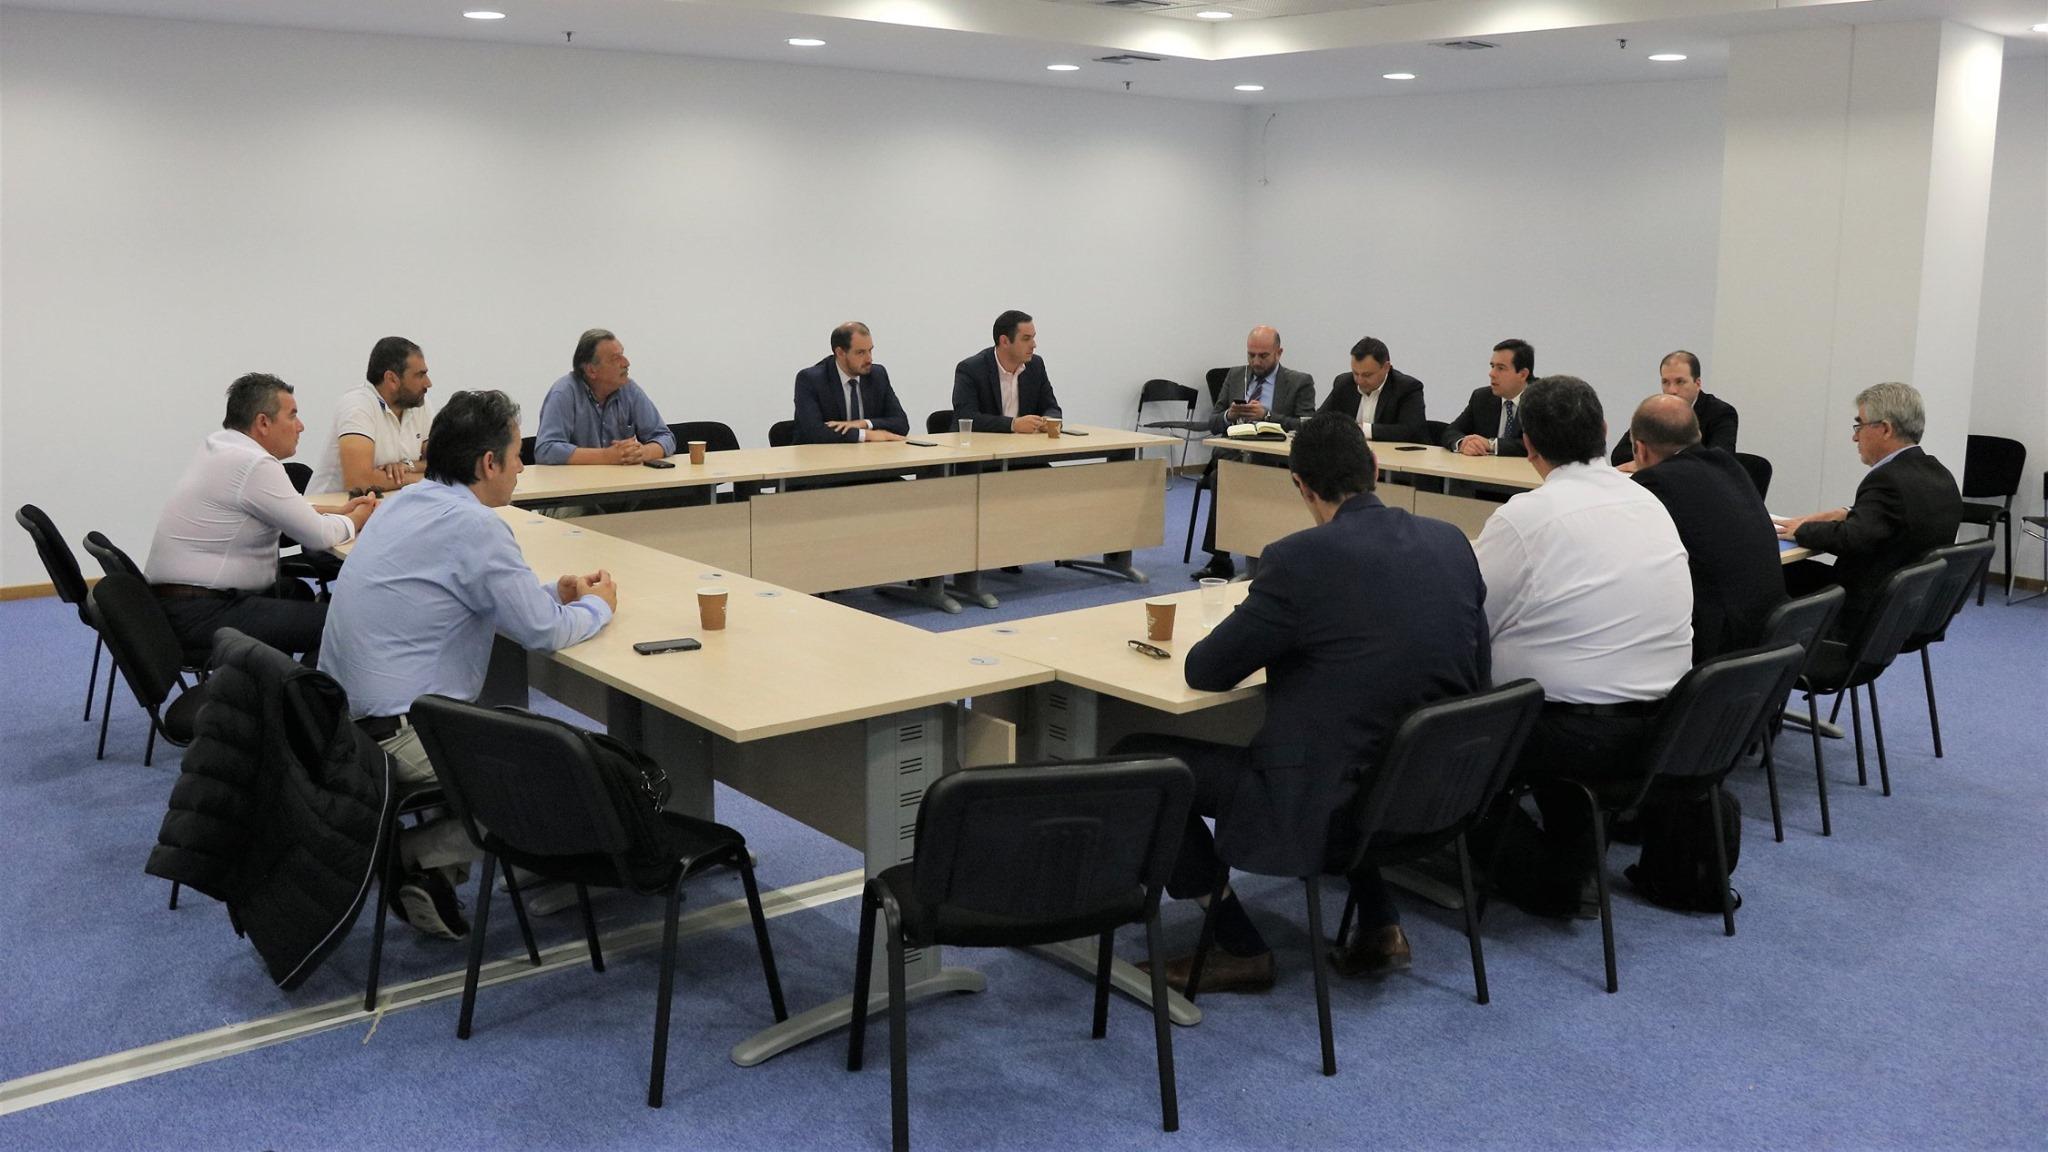 Τι ανακοίνωσε το Υπουργείο Μετανάστευσης για την συνάντηση με τους εκπροσώπους του Δήμου Μεγαρέων